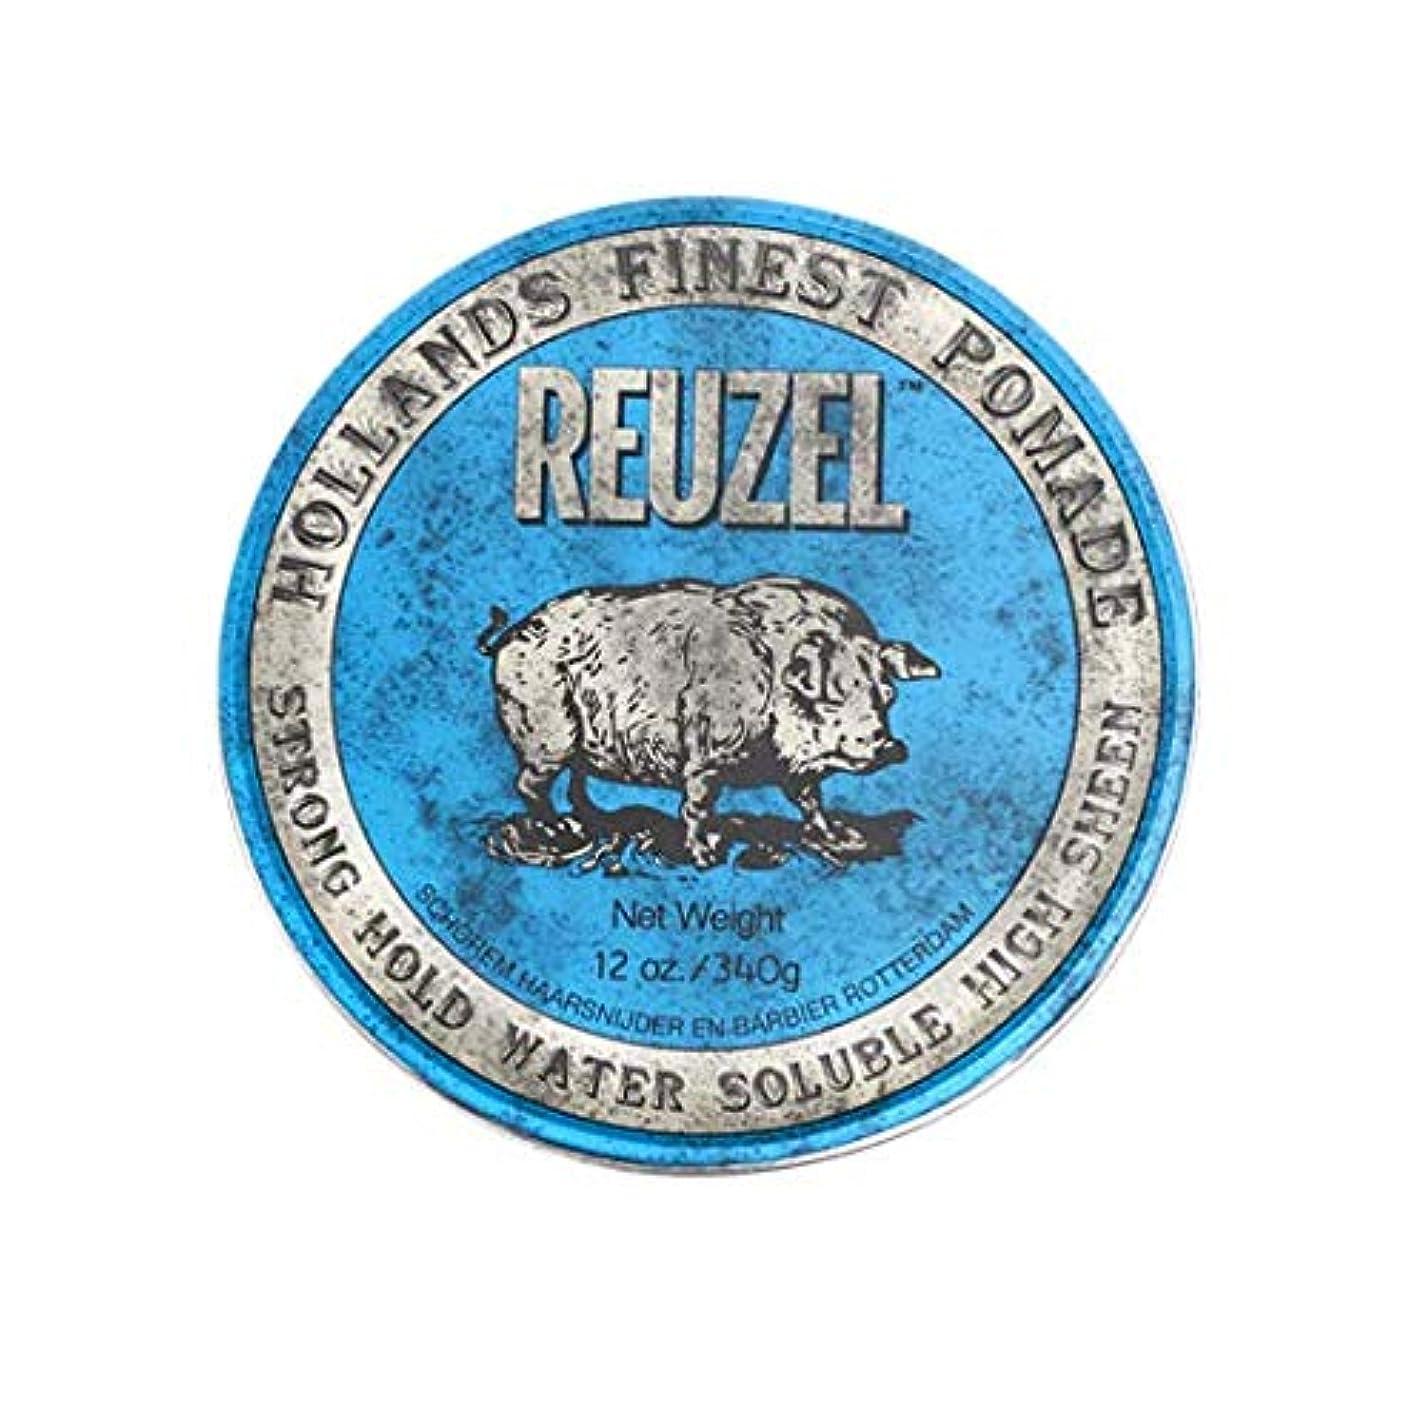 水植木好きルーゾー(REUZEL) ストロングホールド ブルー HIGH SHINE 340g